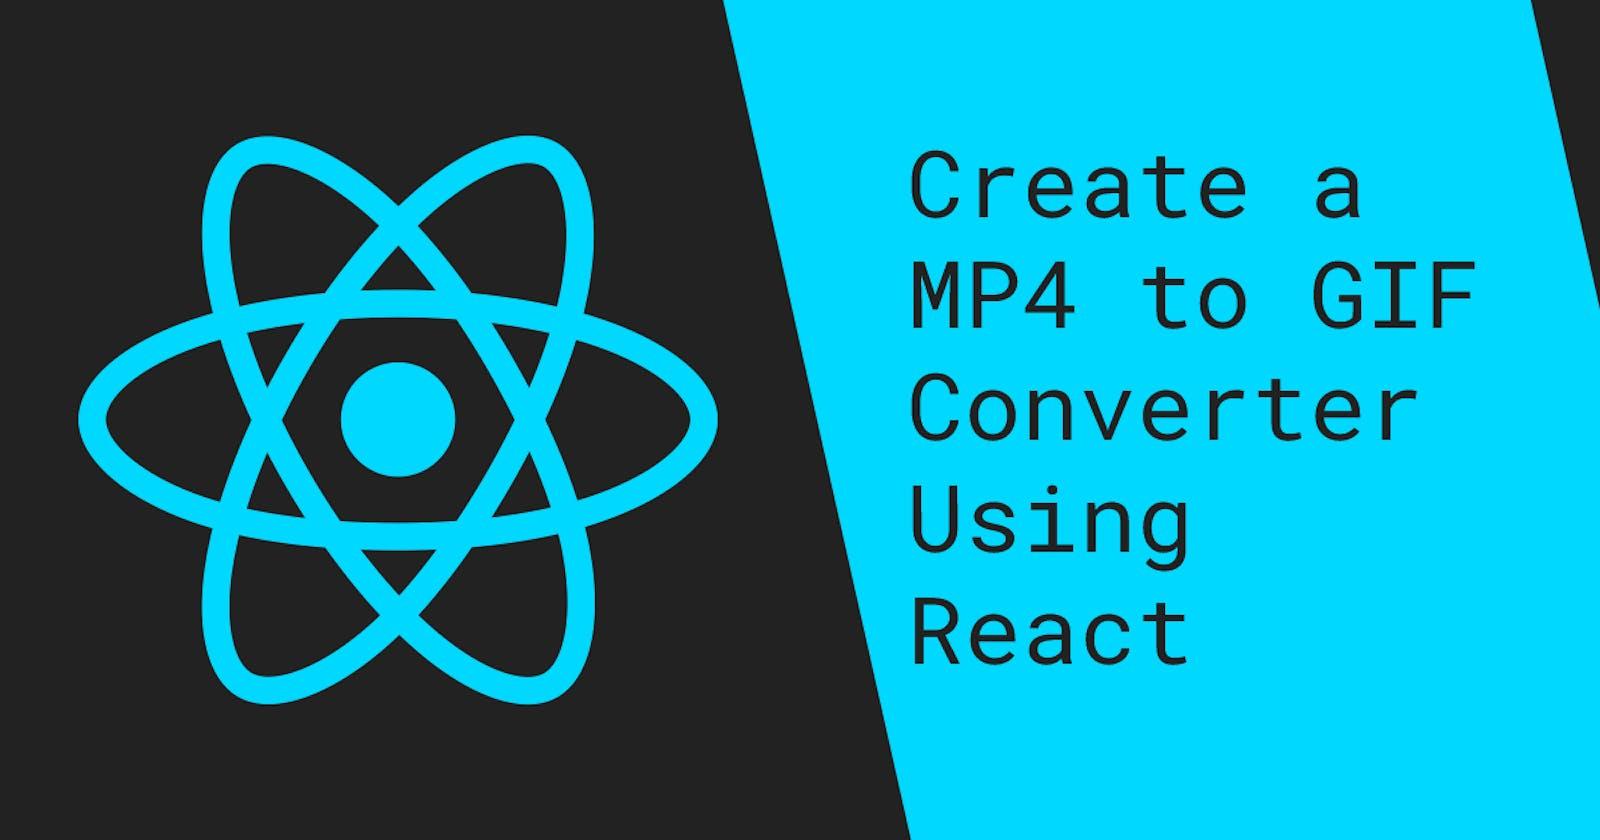 Create a GIF Converter Using React